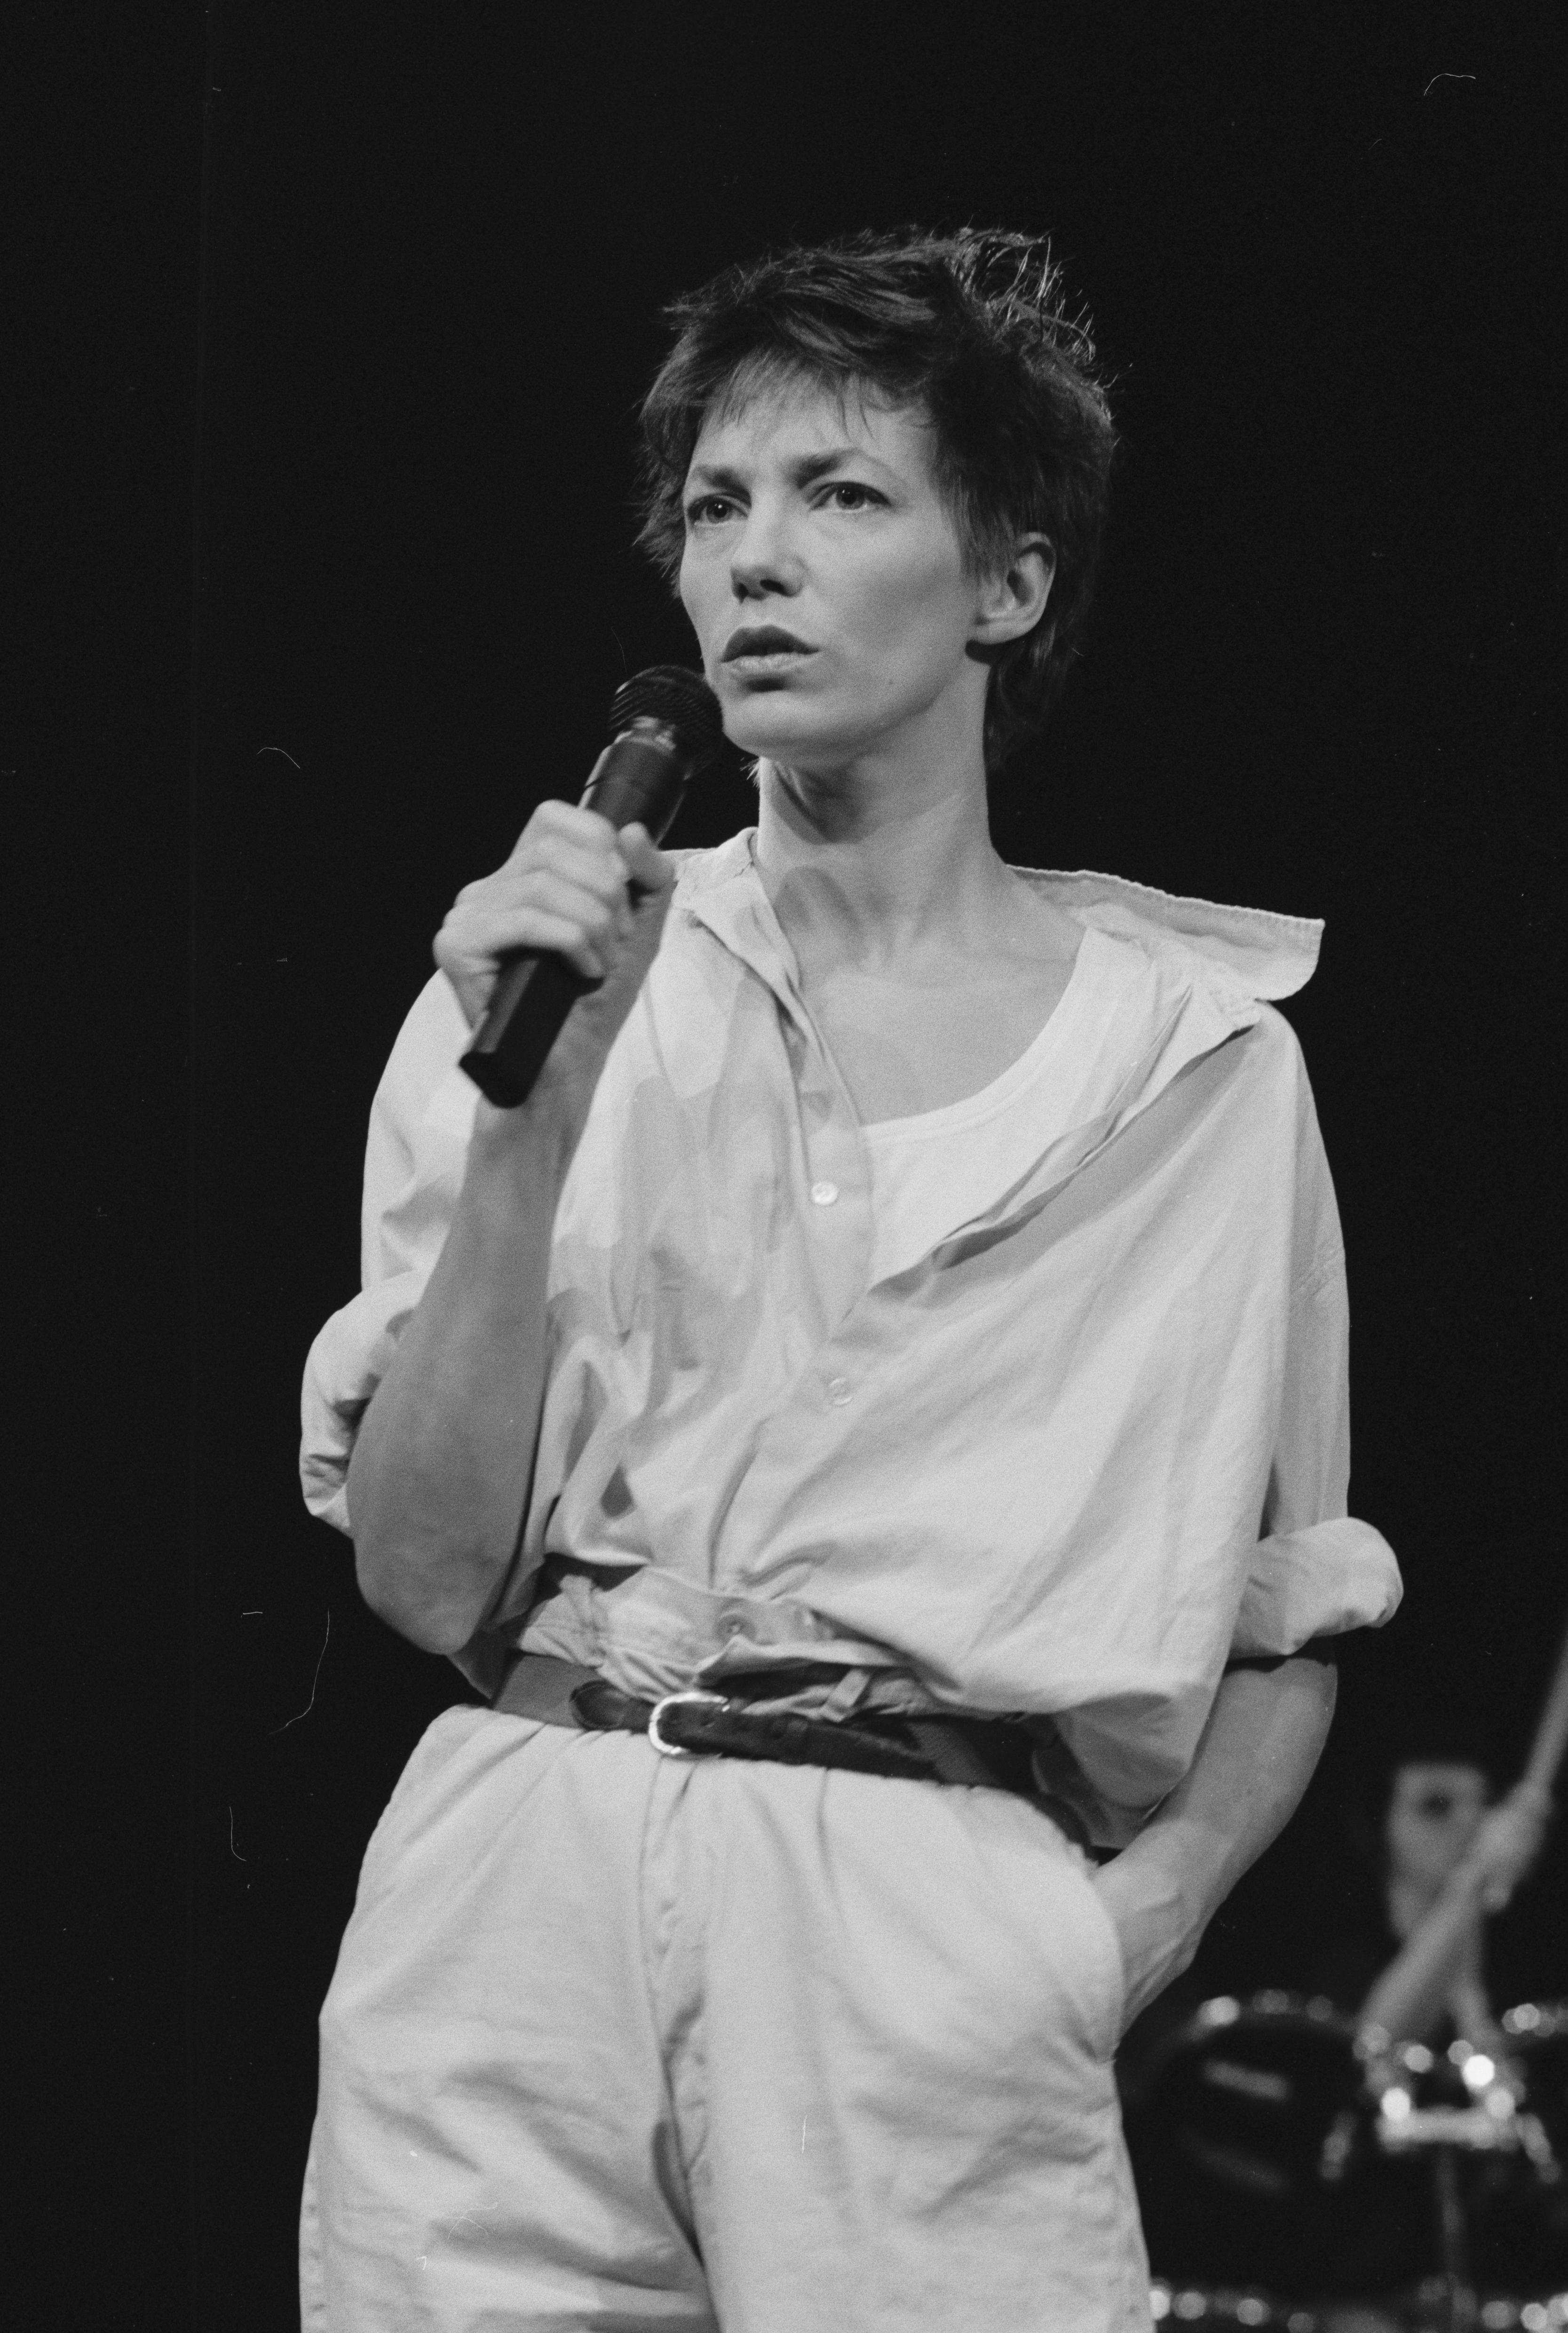 Jane-Birkin-Performing-in-Paris